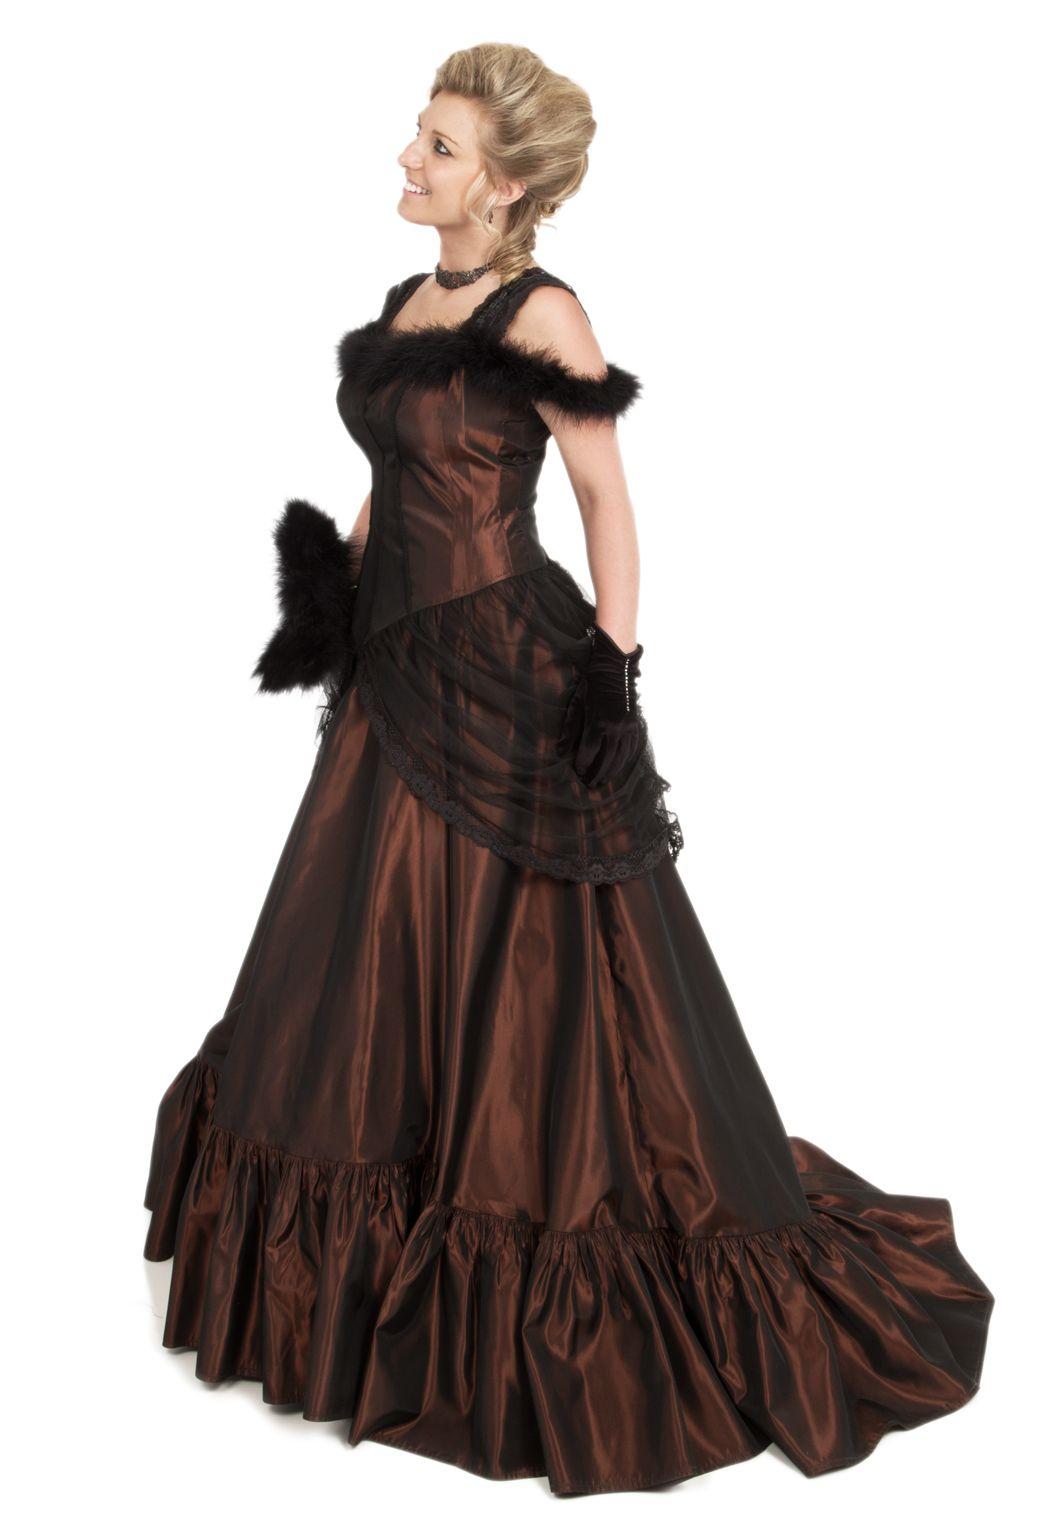 08f8c20a6360 14-16 Black Masquerade Ball Dress Goth Dress | Steampunk | Masquerade ball  dresses, Masquerade dresses, Prom dresses